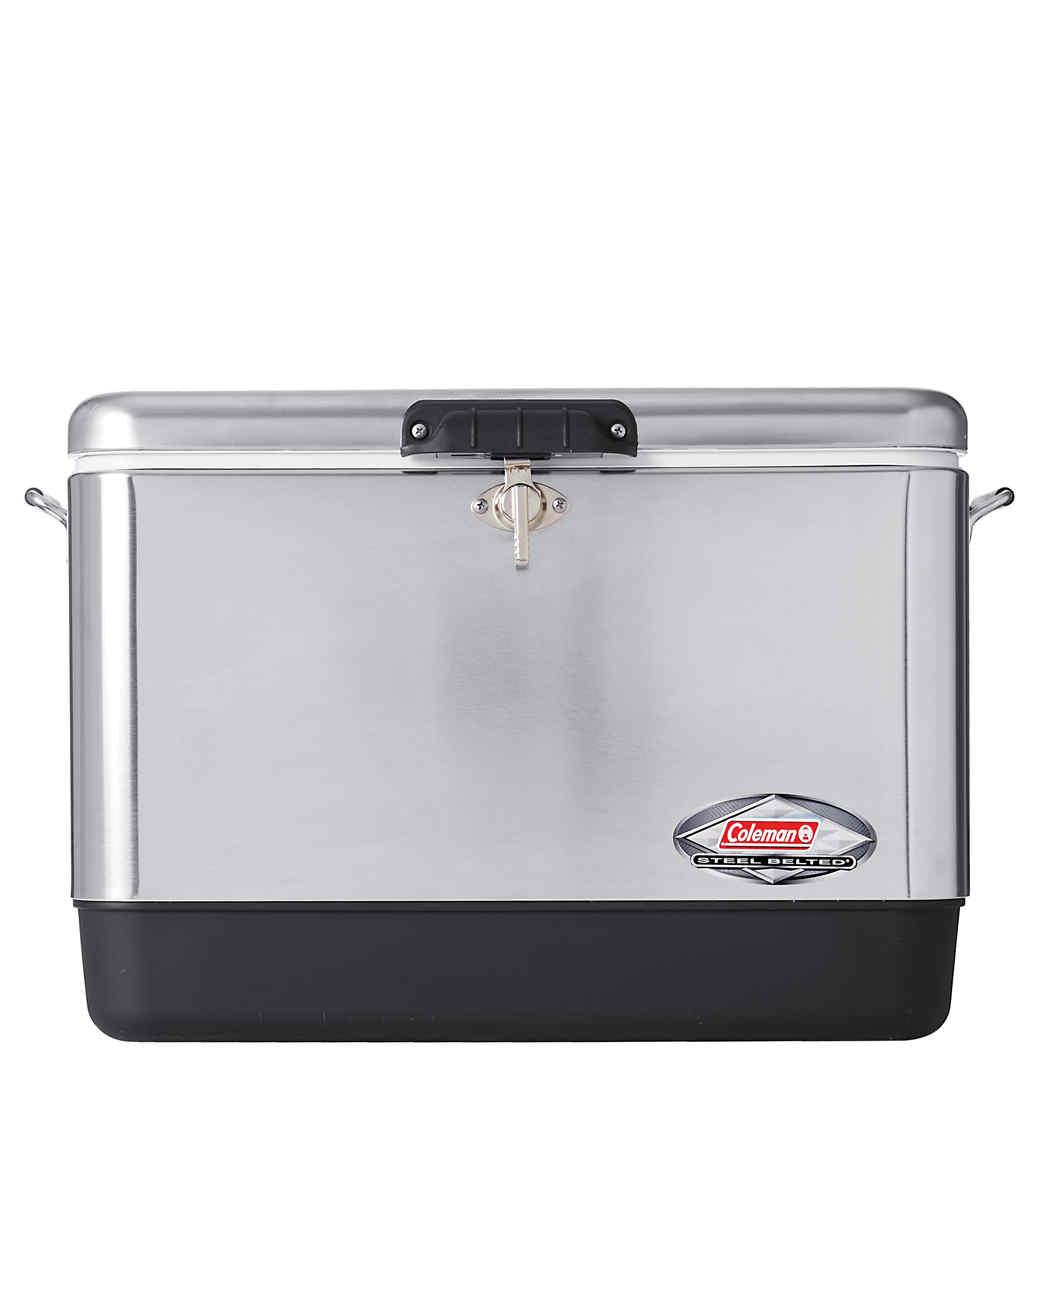 coleman-cooler-180-d112094.jpg